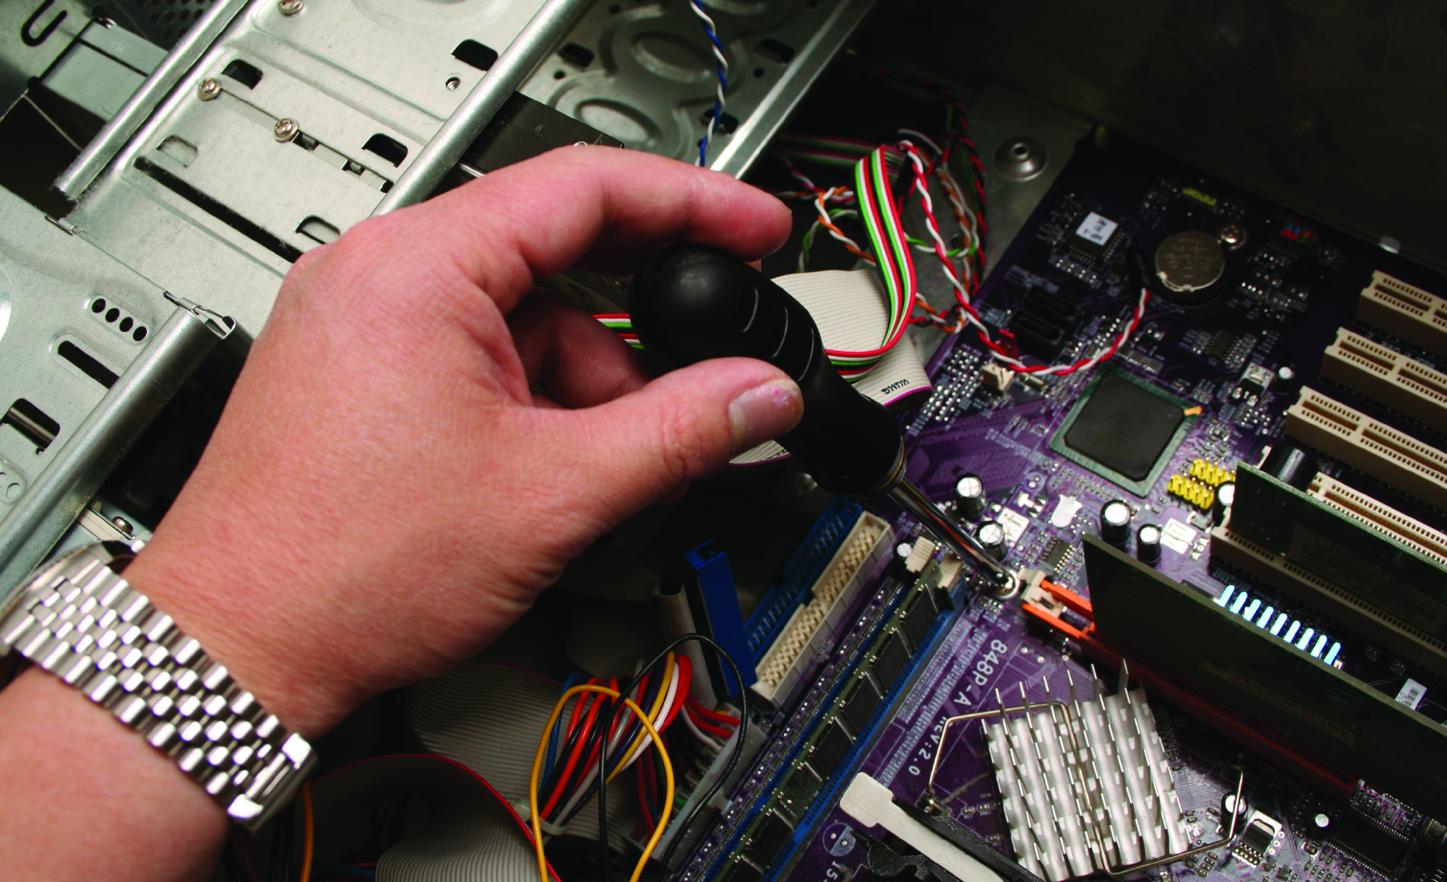 Бизнес-идея услуги по ремонту компьютеров